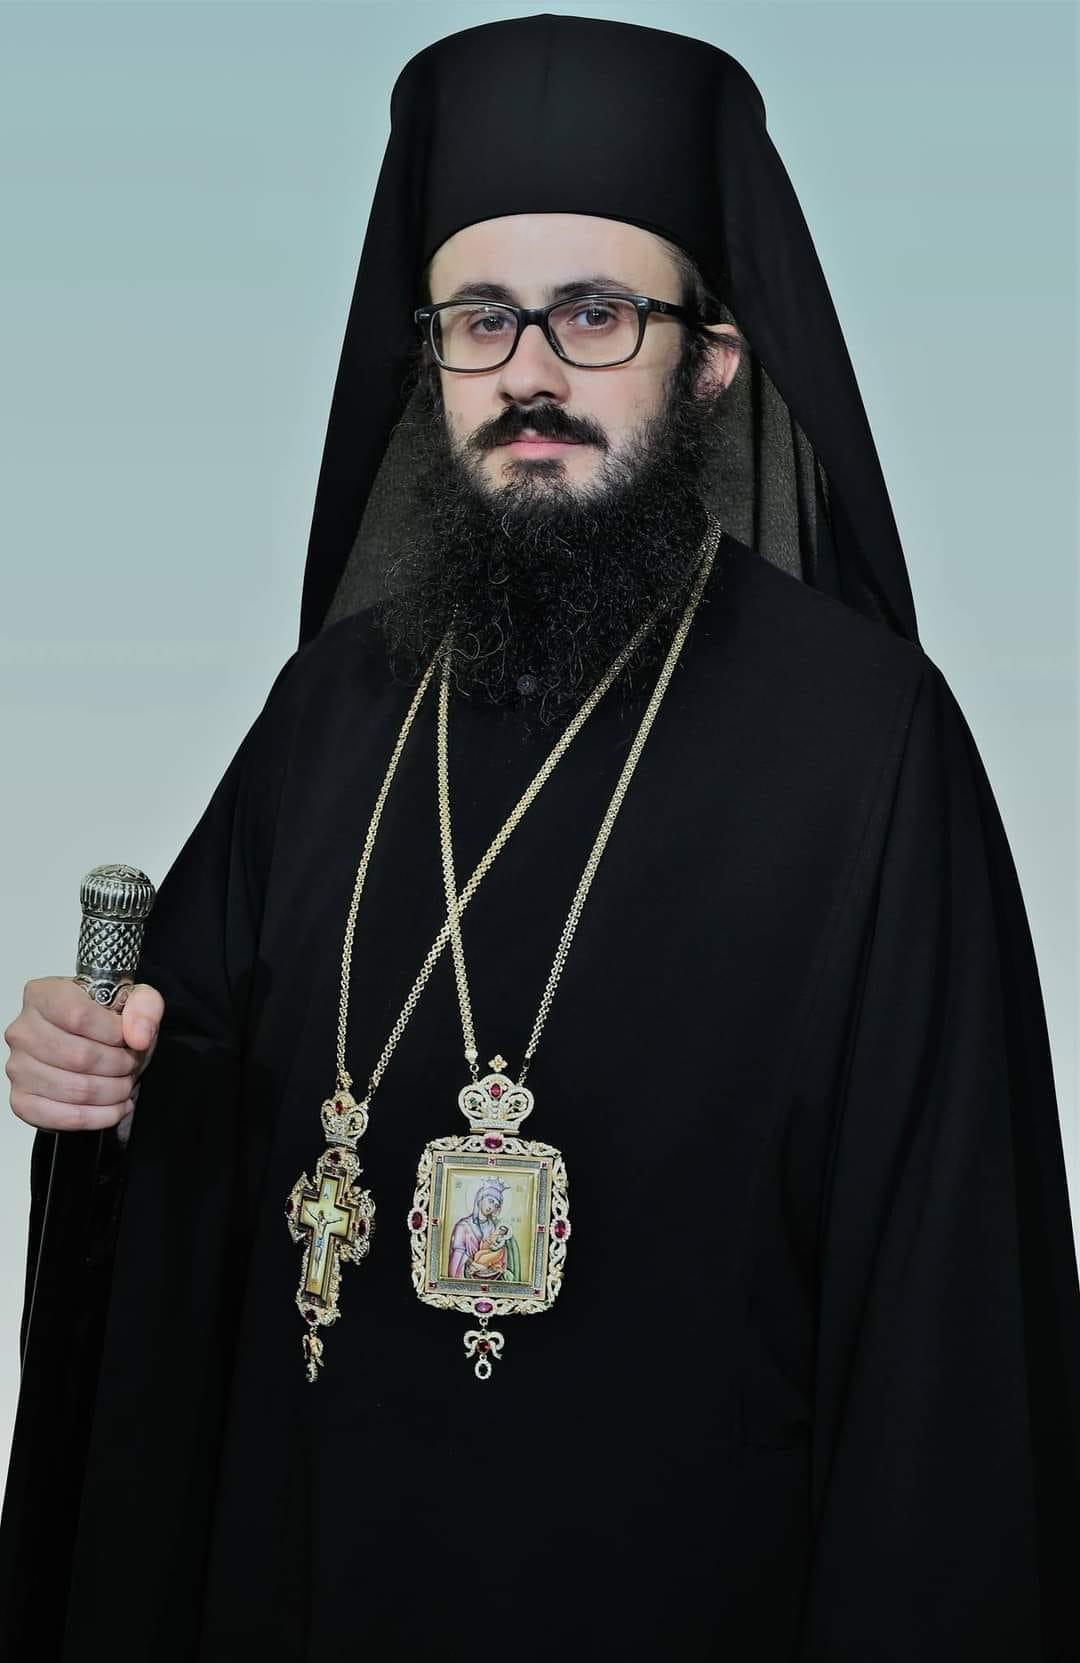 Mensaje Pastoral de Monseñor Santiago El Khoury de Pascua 2021